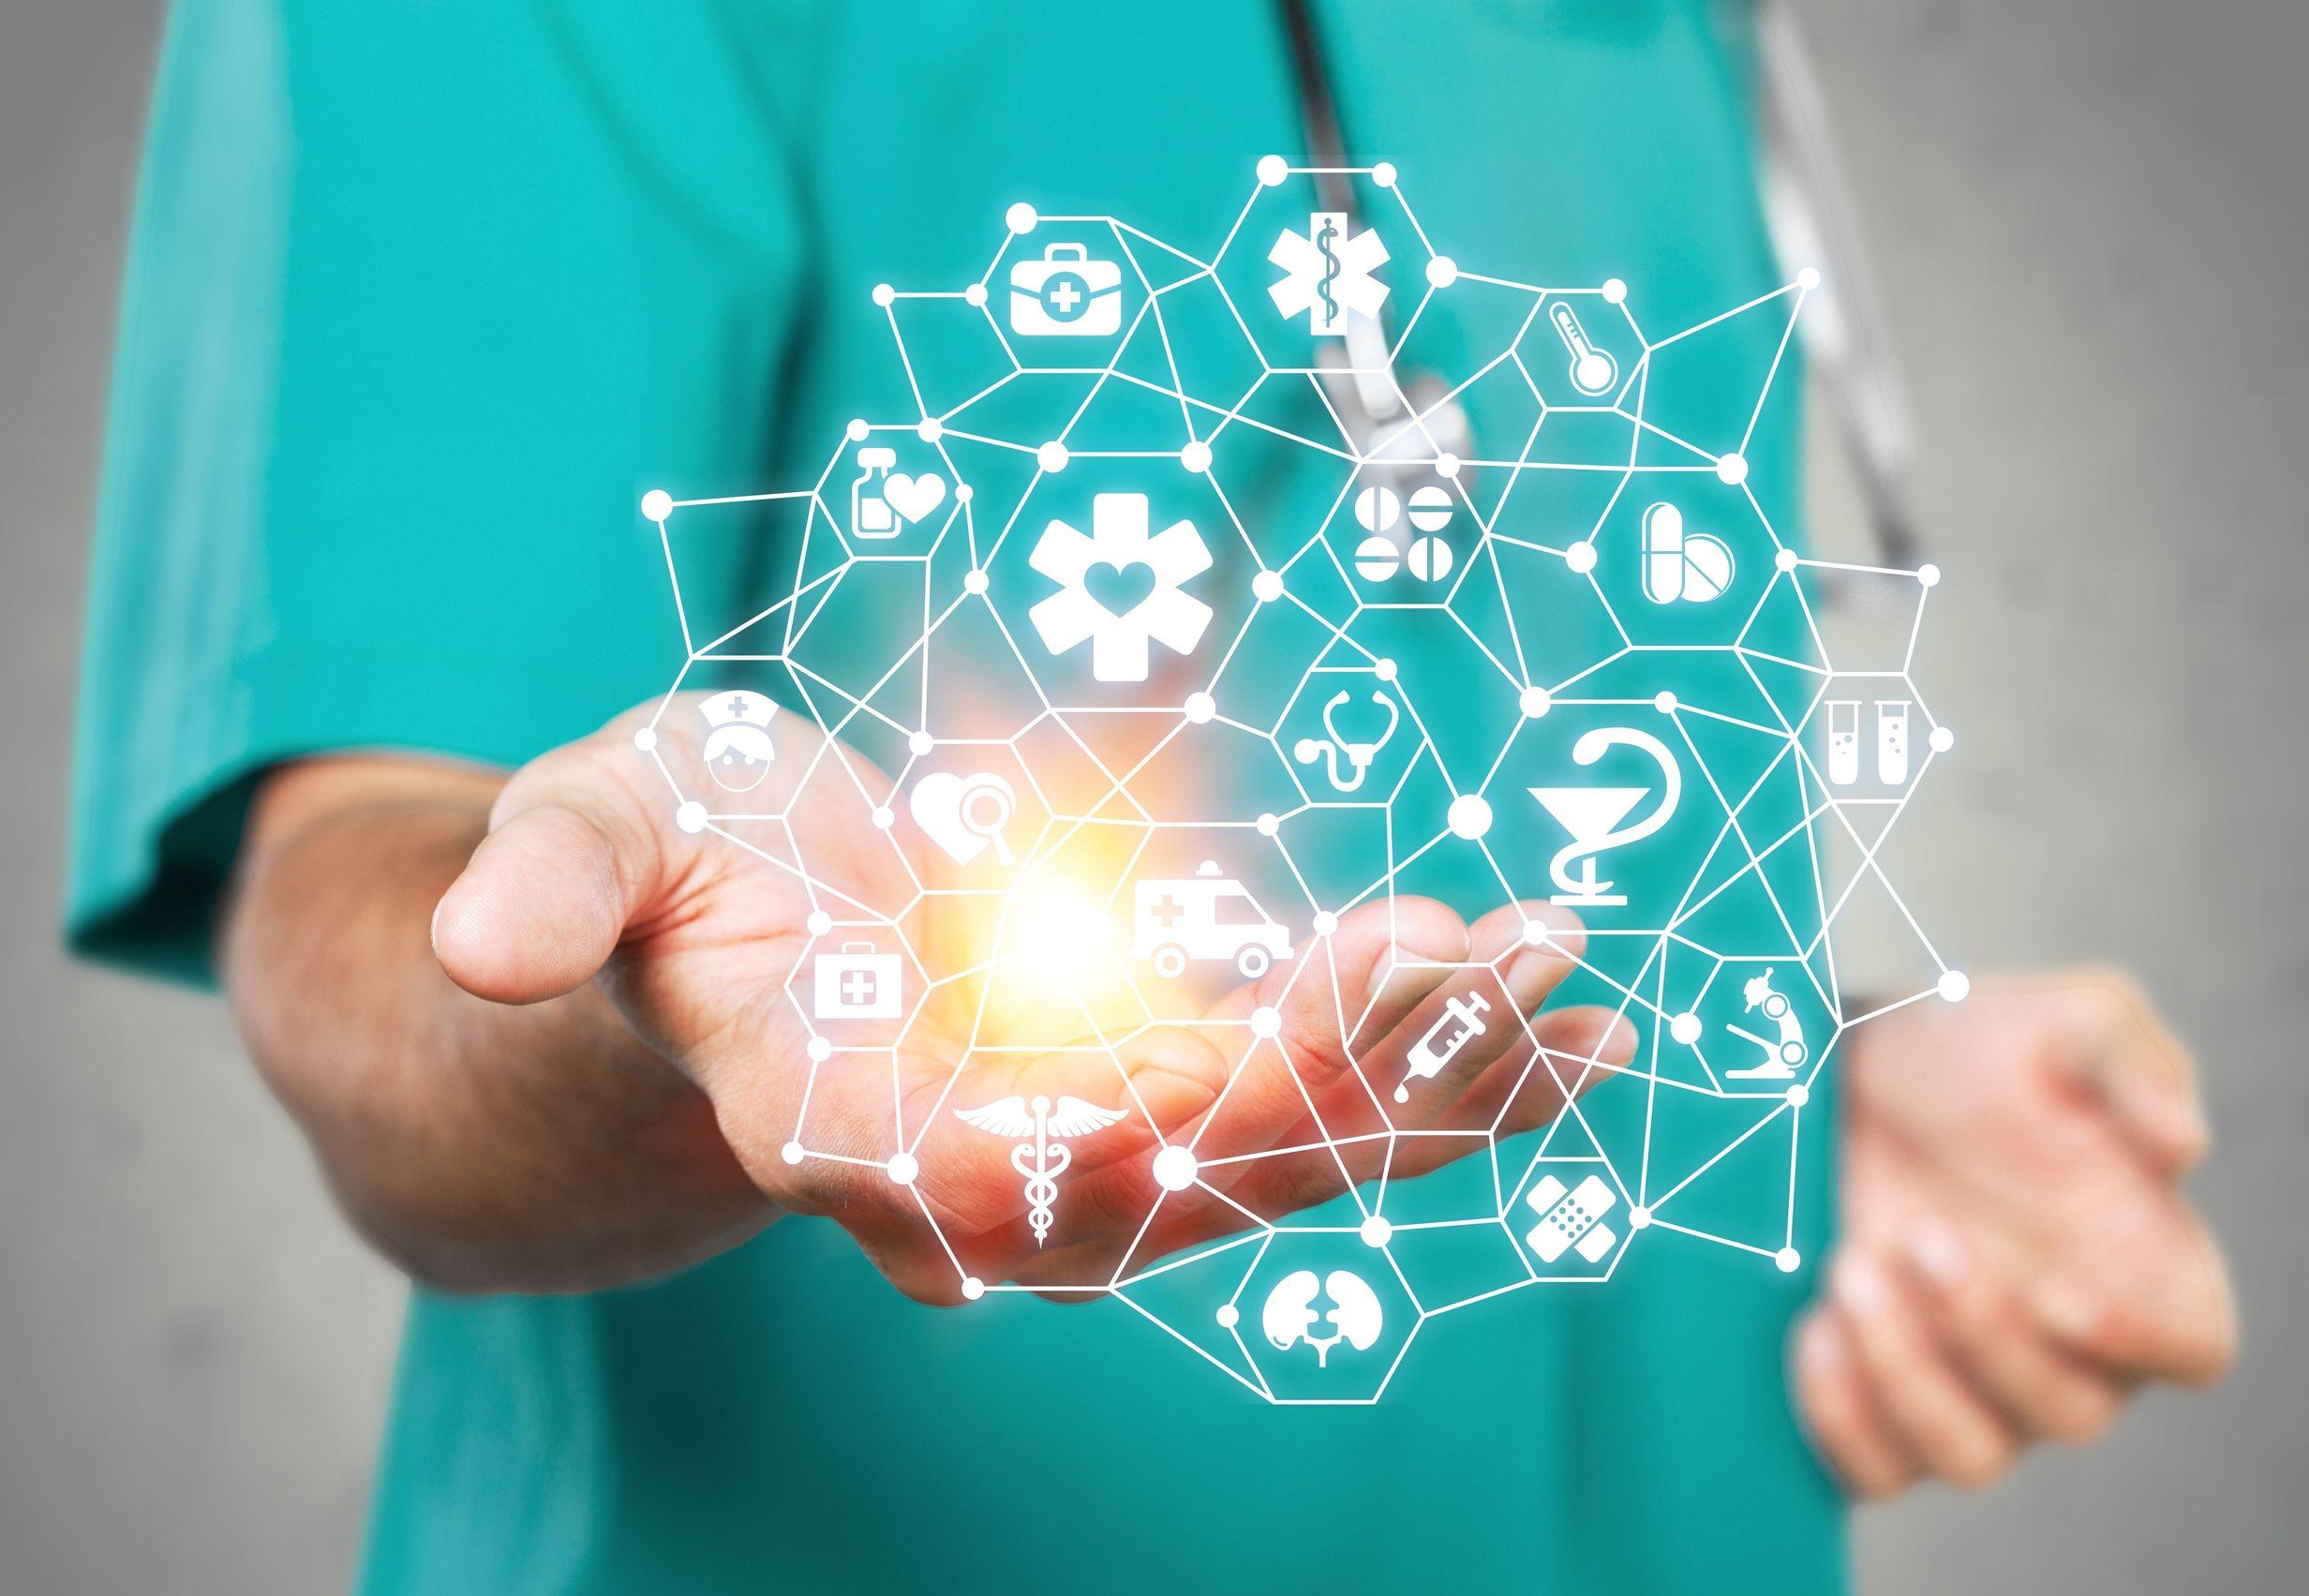 當區塊鏈遇上醫療 激盪新商機